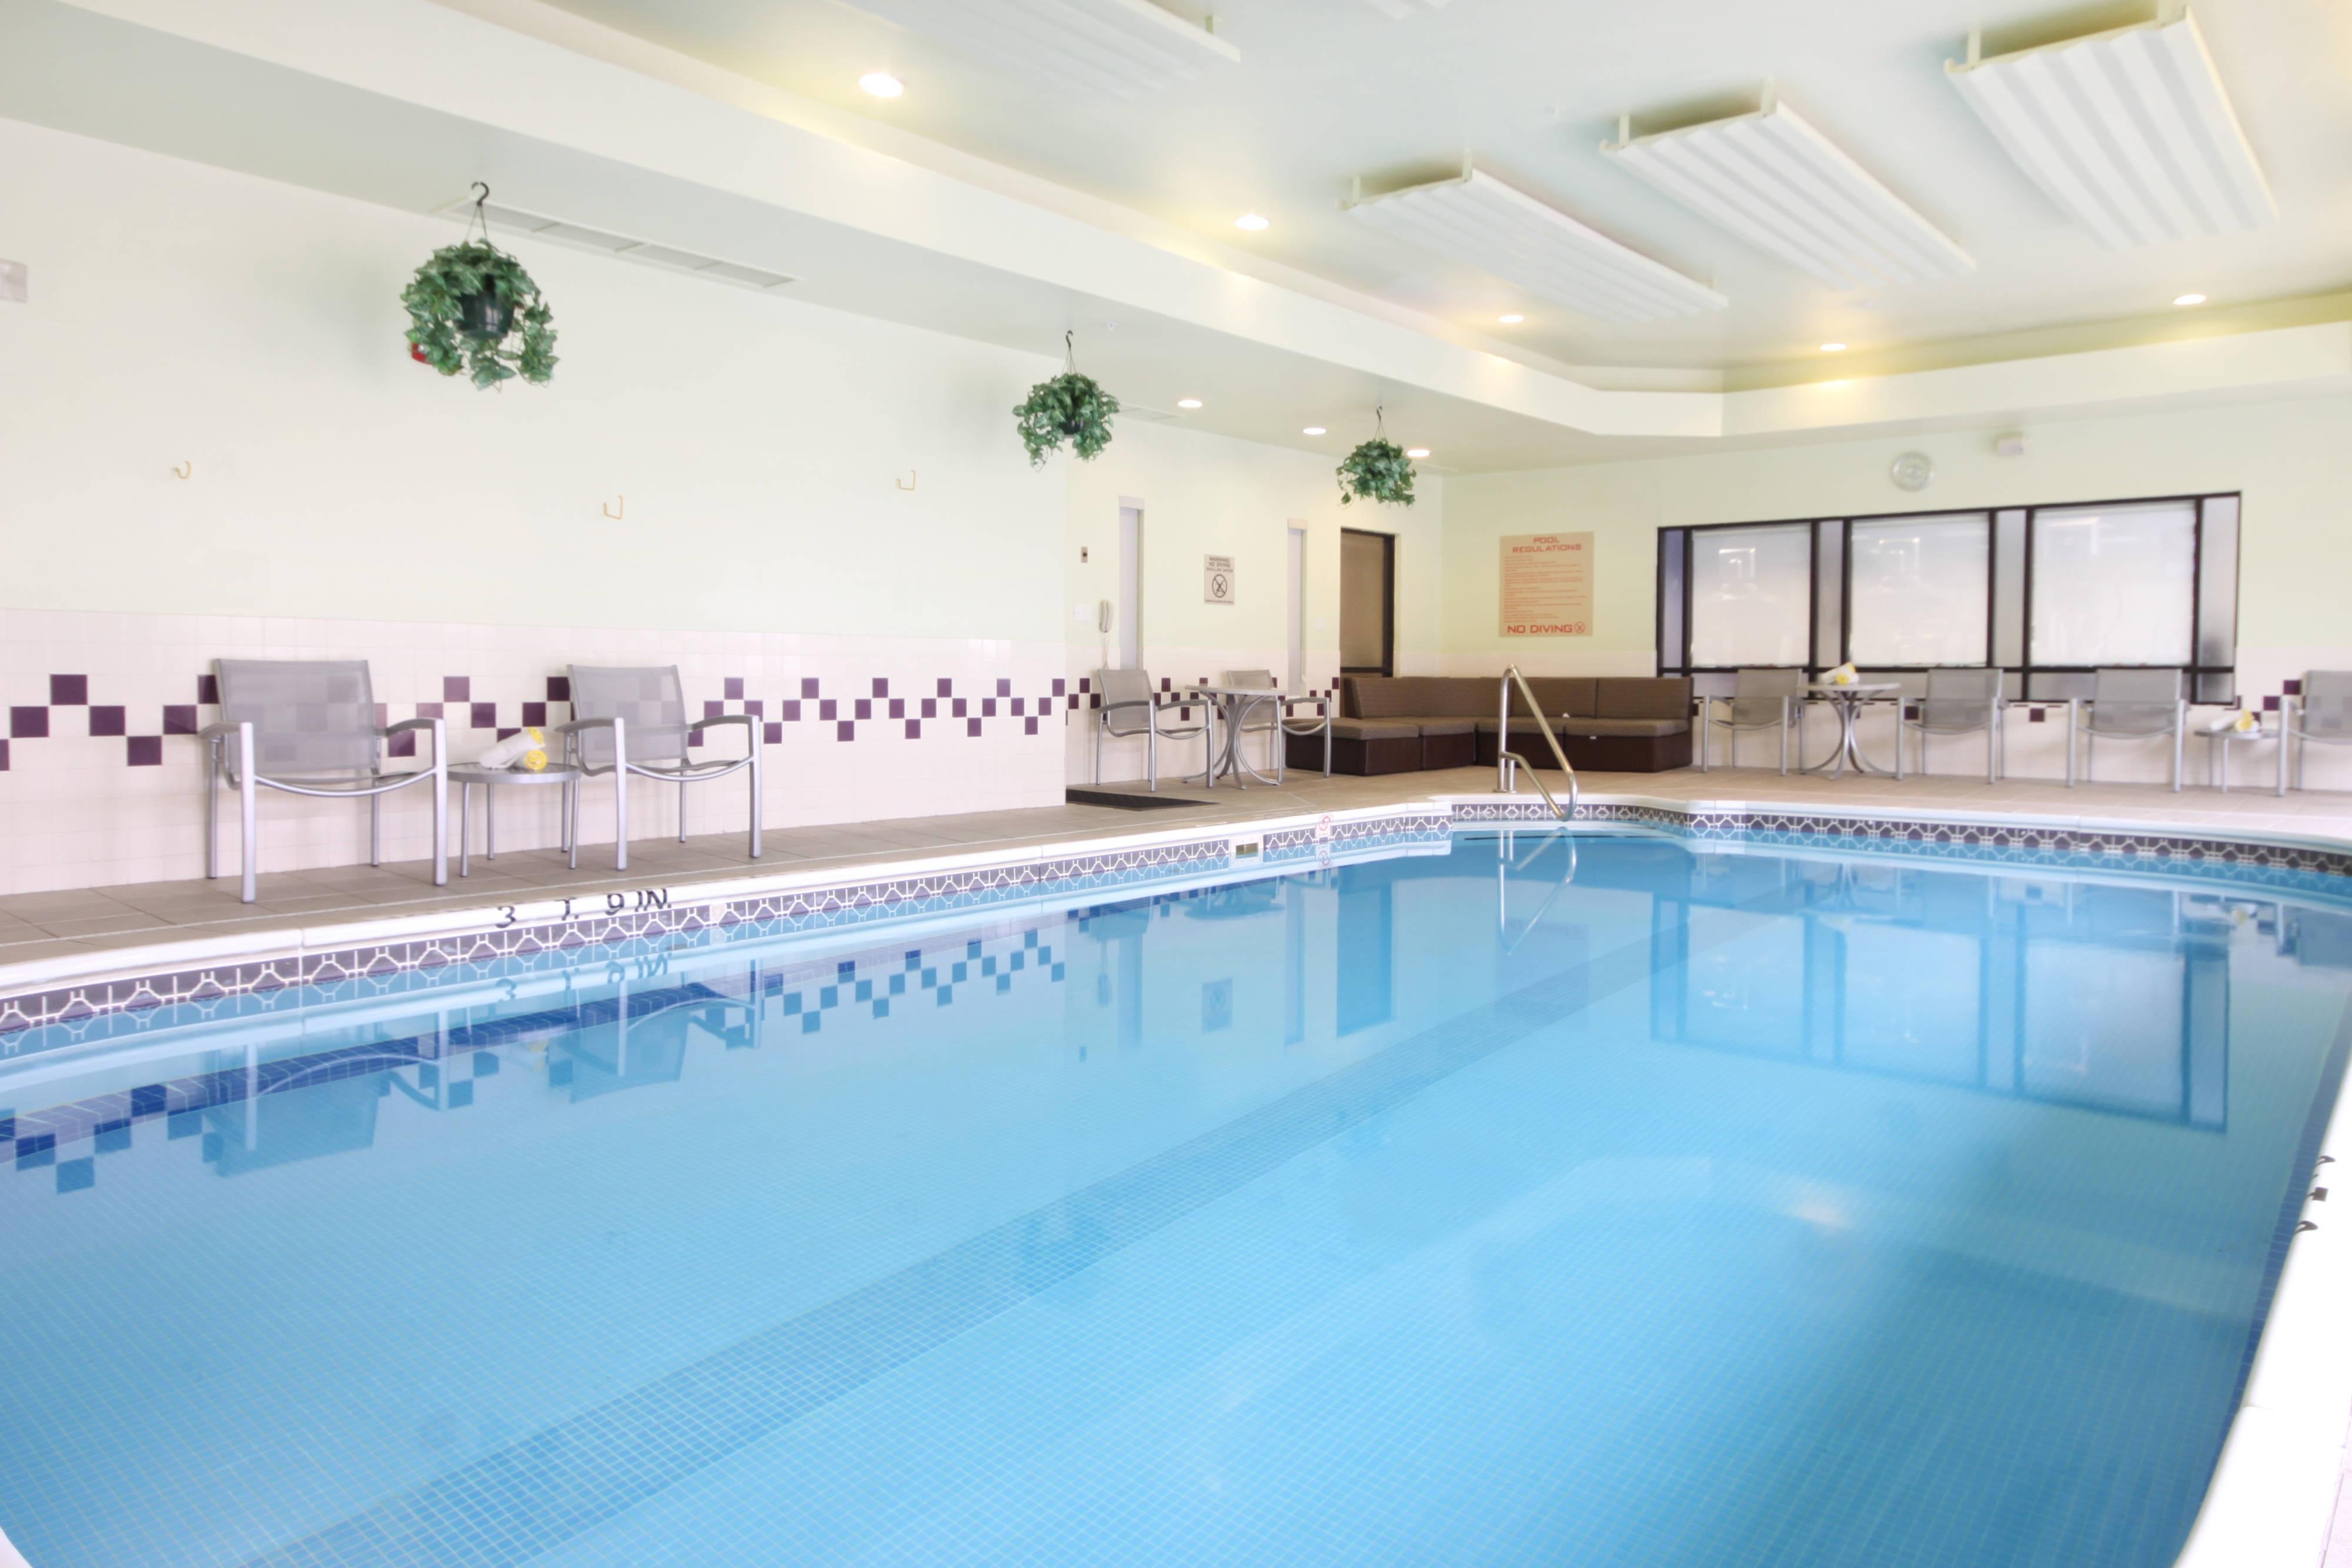 Tulsa OK hotel indoor pool